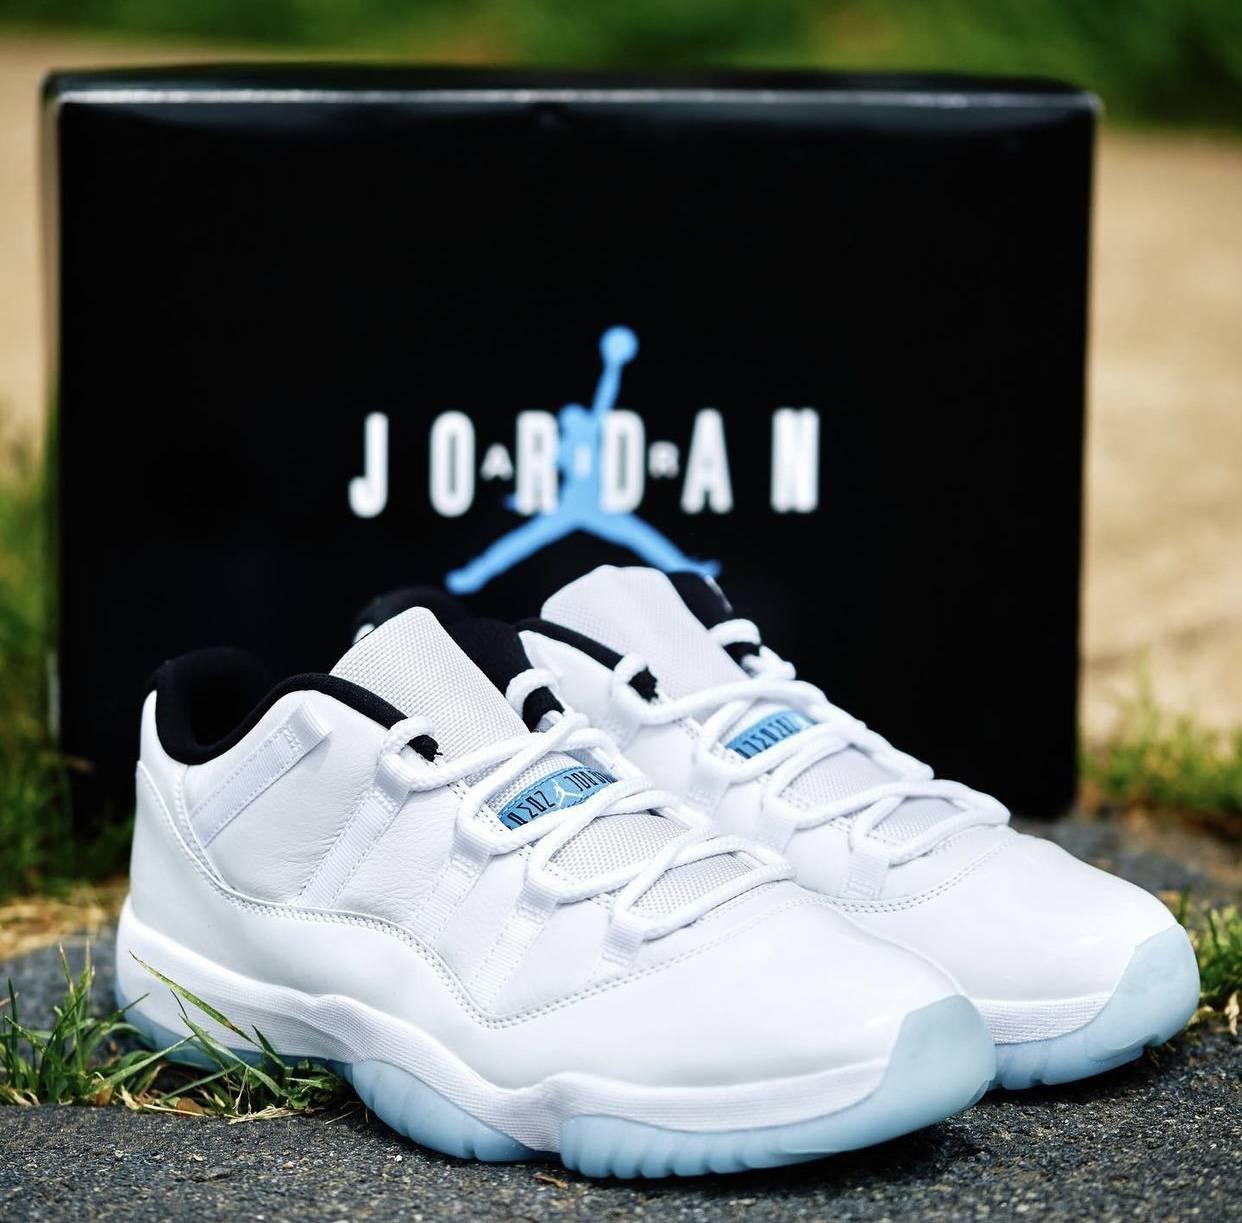 """AV2187-117, Air Jordan 11 Low"""" Legend Blue"""", Air Jordan 11, Air Jordan 1"""